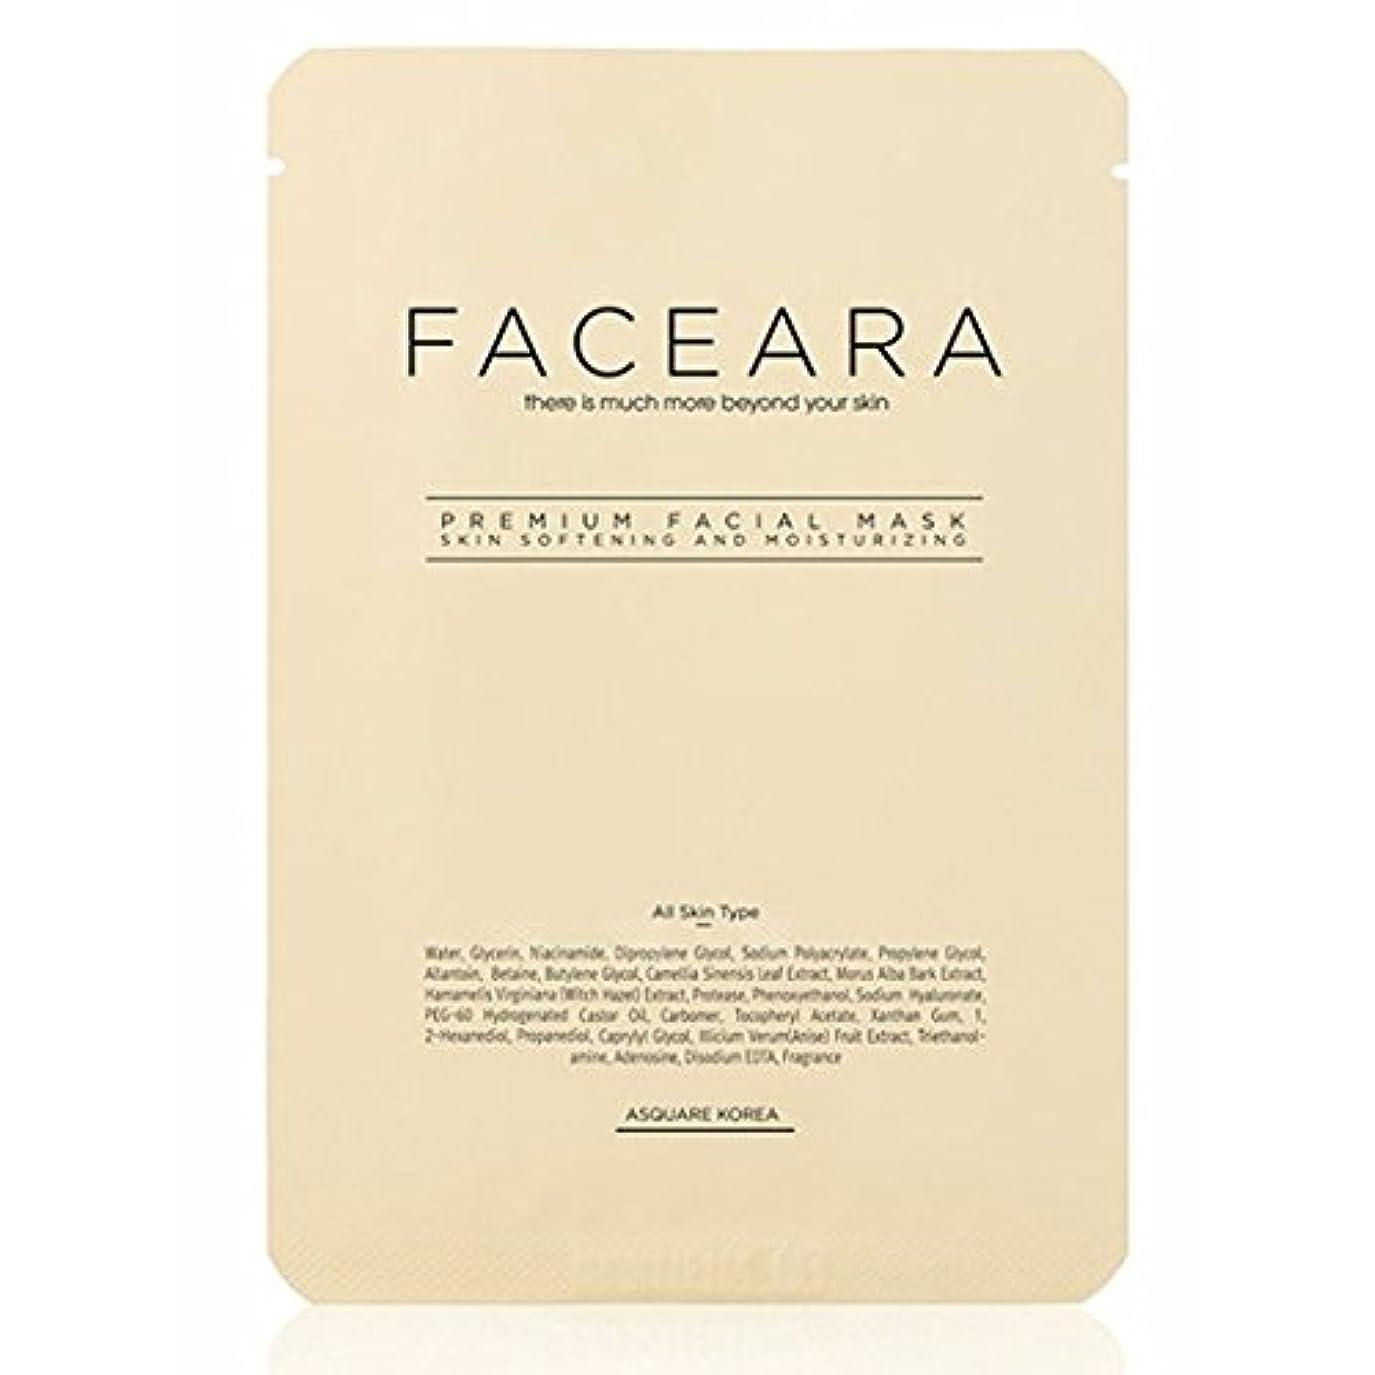 割るアンデス山脈割る[並行輸入品] FACEARA スクラブ&スーパーモイスチャライザー用プレミアムフェイシャルマスクシート25g 5本セット / FACEARA Premium Facial Mask Sheet for Scrub &...